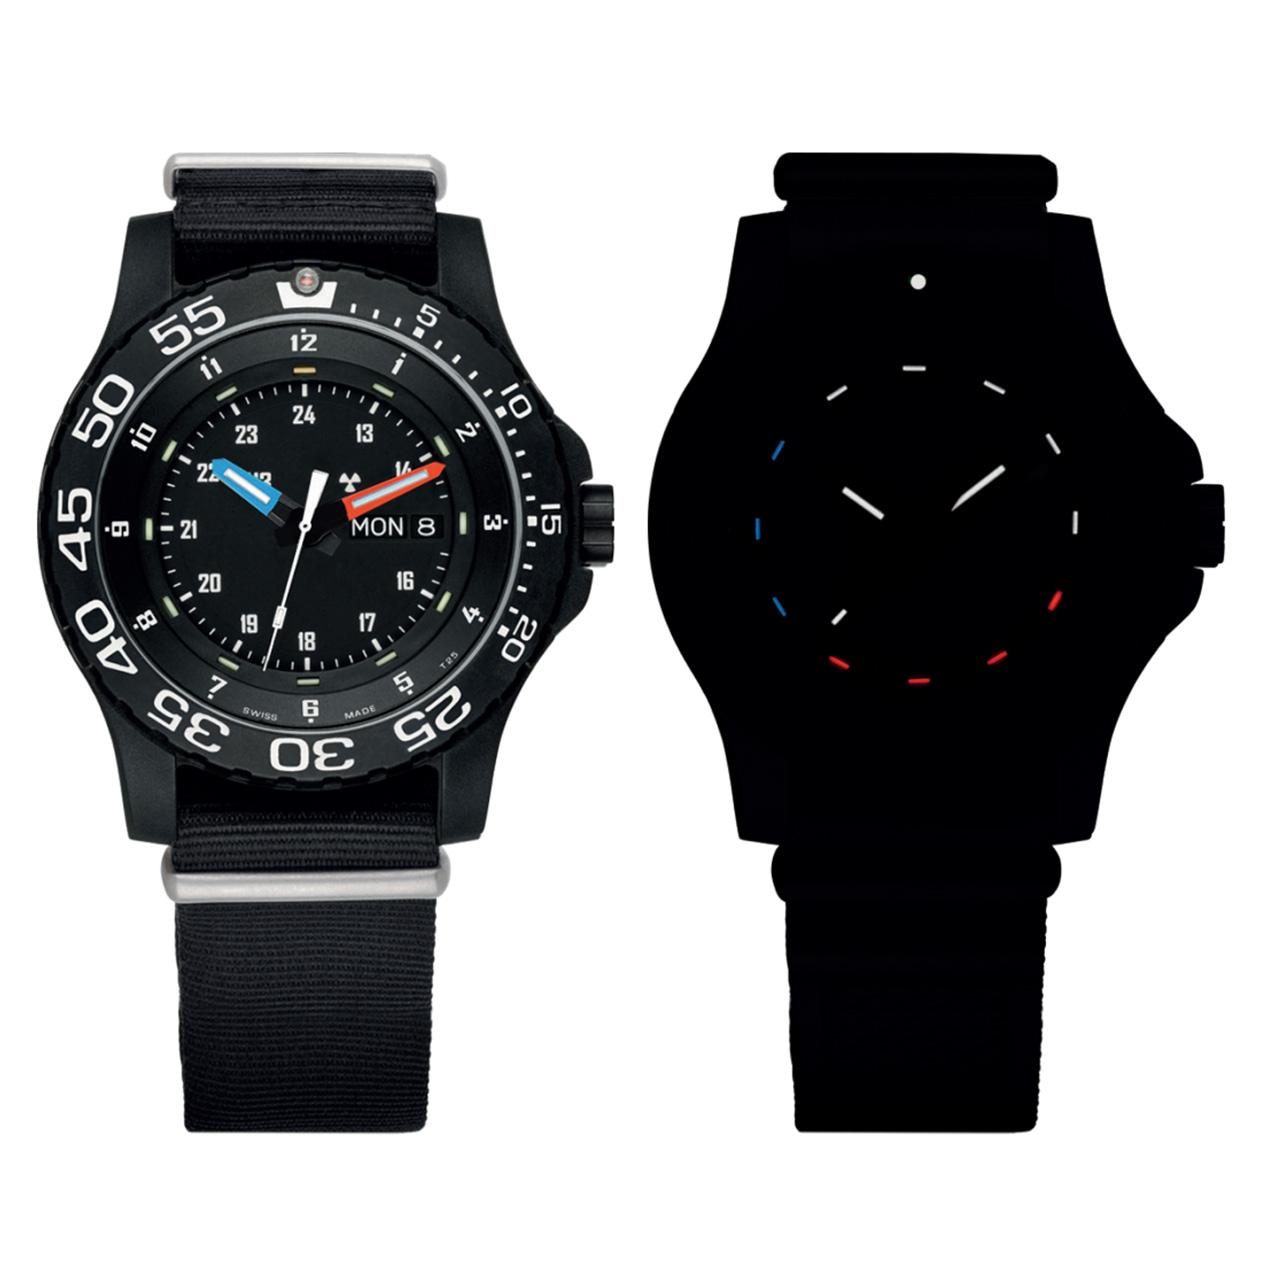 cdcf51c7f07 Model vychází z hodinek Traser Elite Red. Má však několik úprav